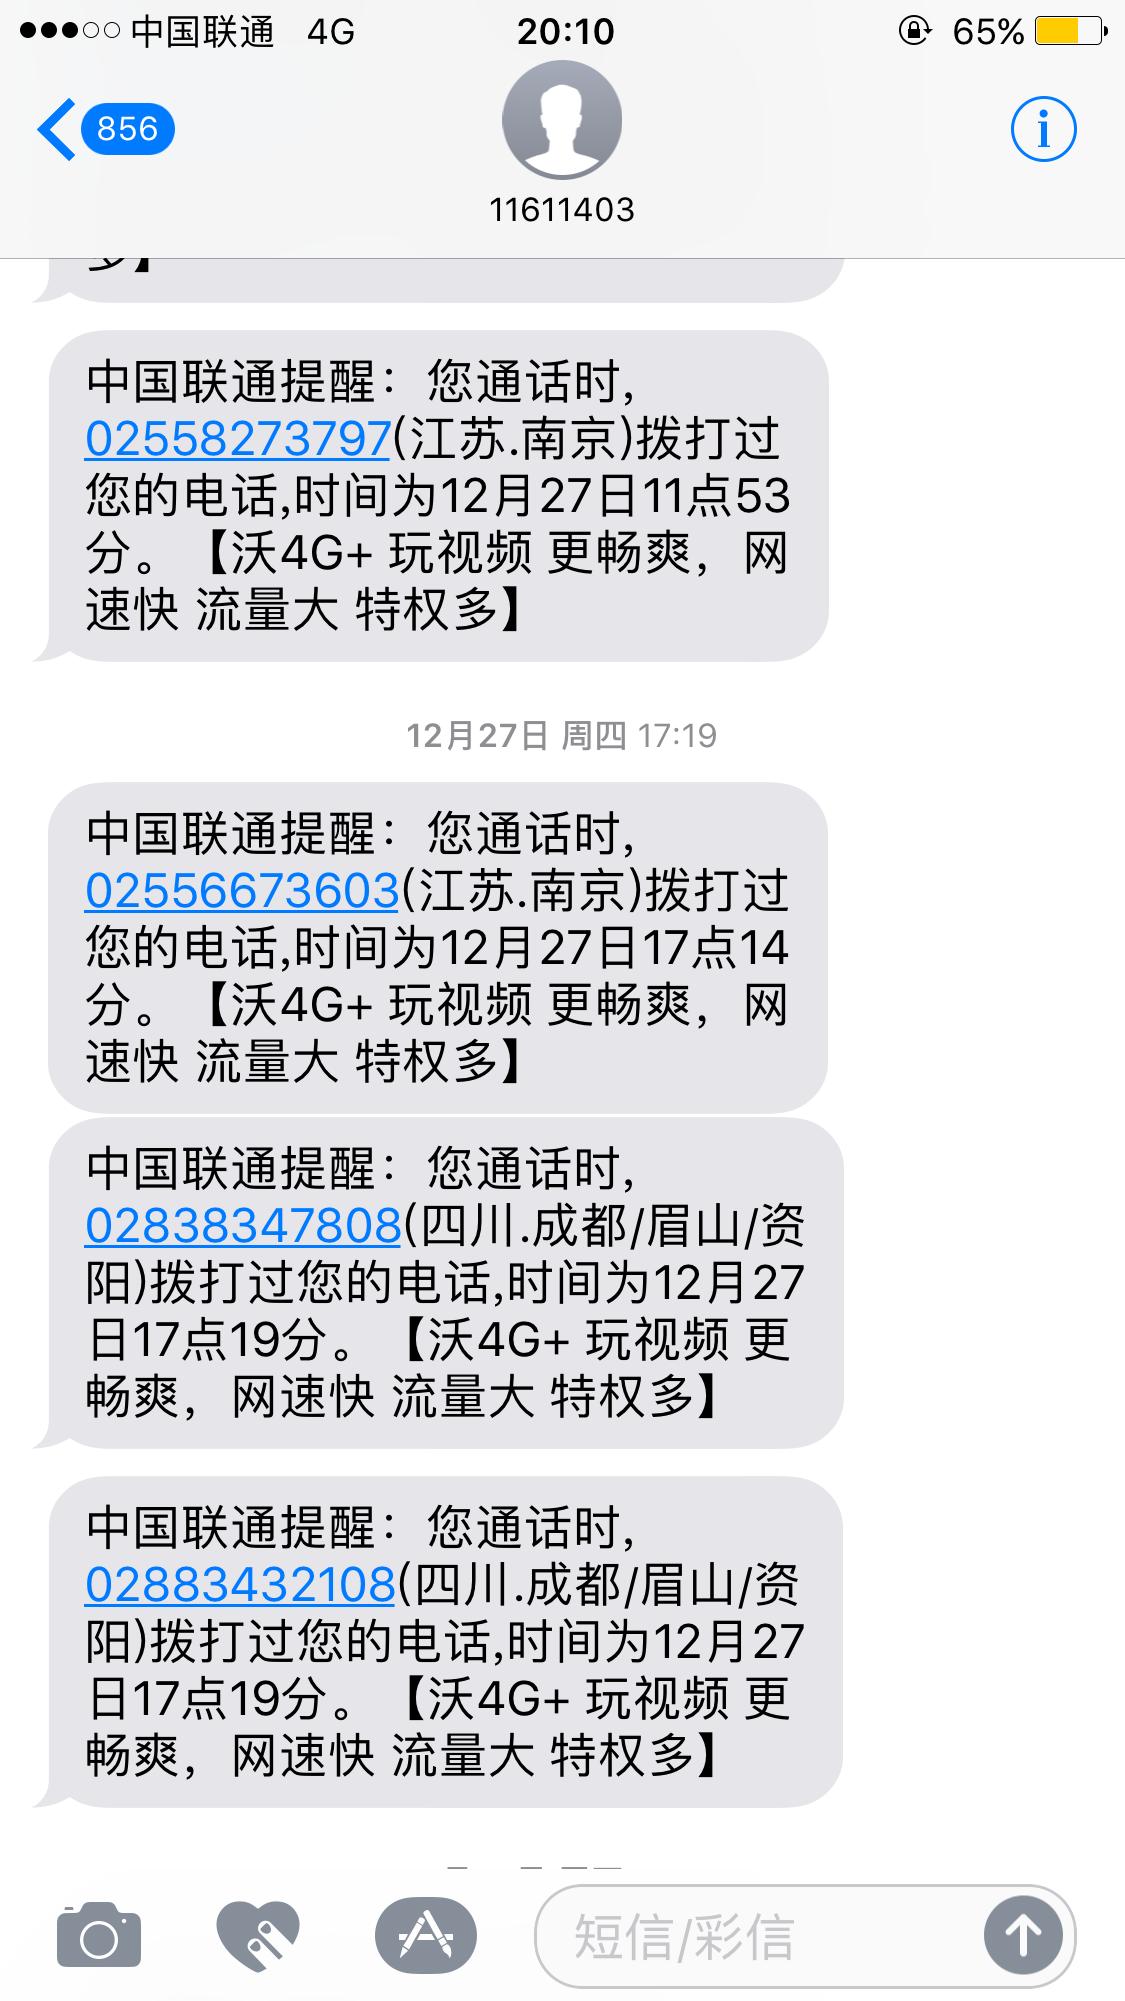 惠花钱平台恶意恐吓骚扰